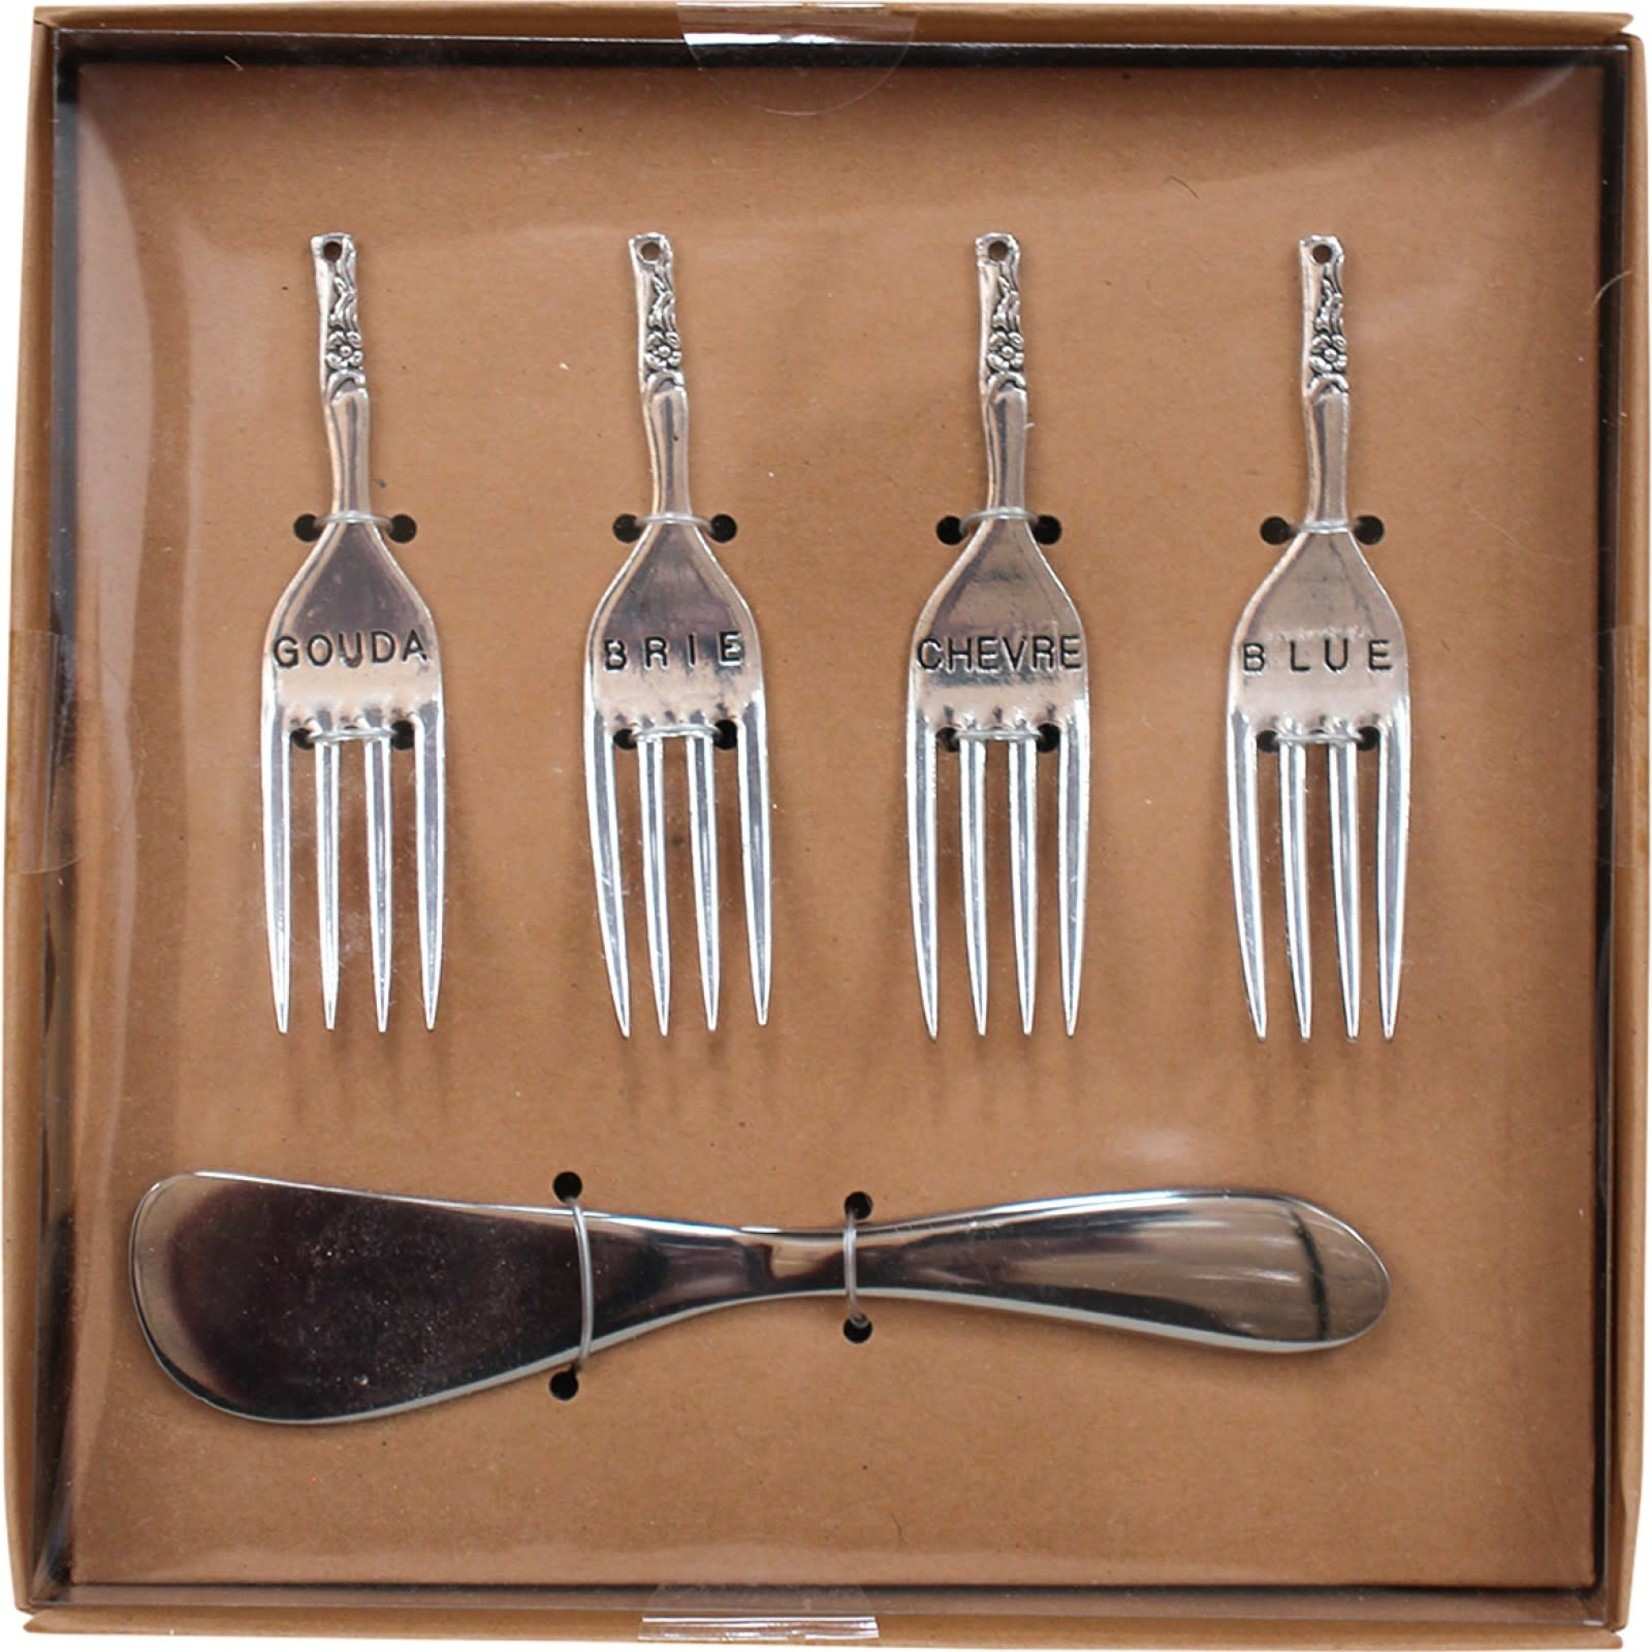 LaVida Spreader & Cheese Fork Set Brs